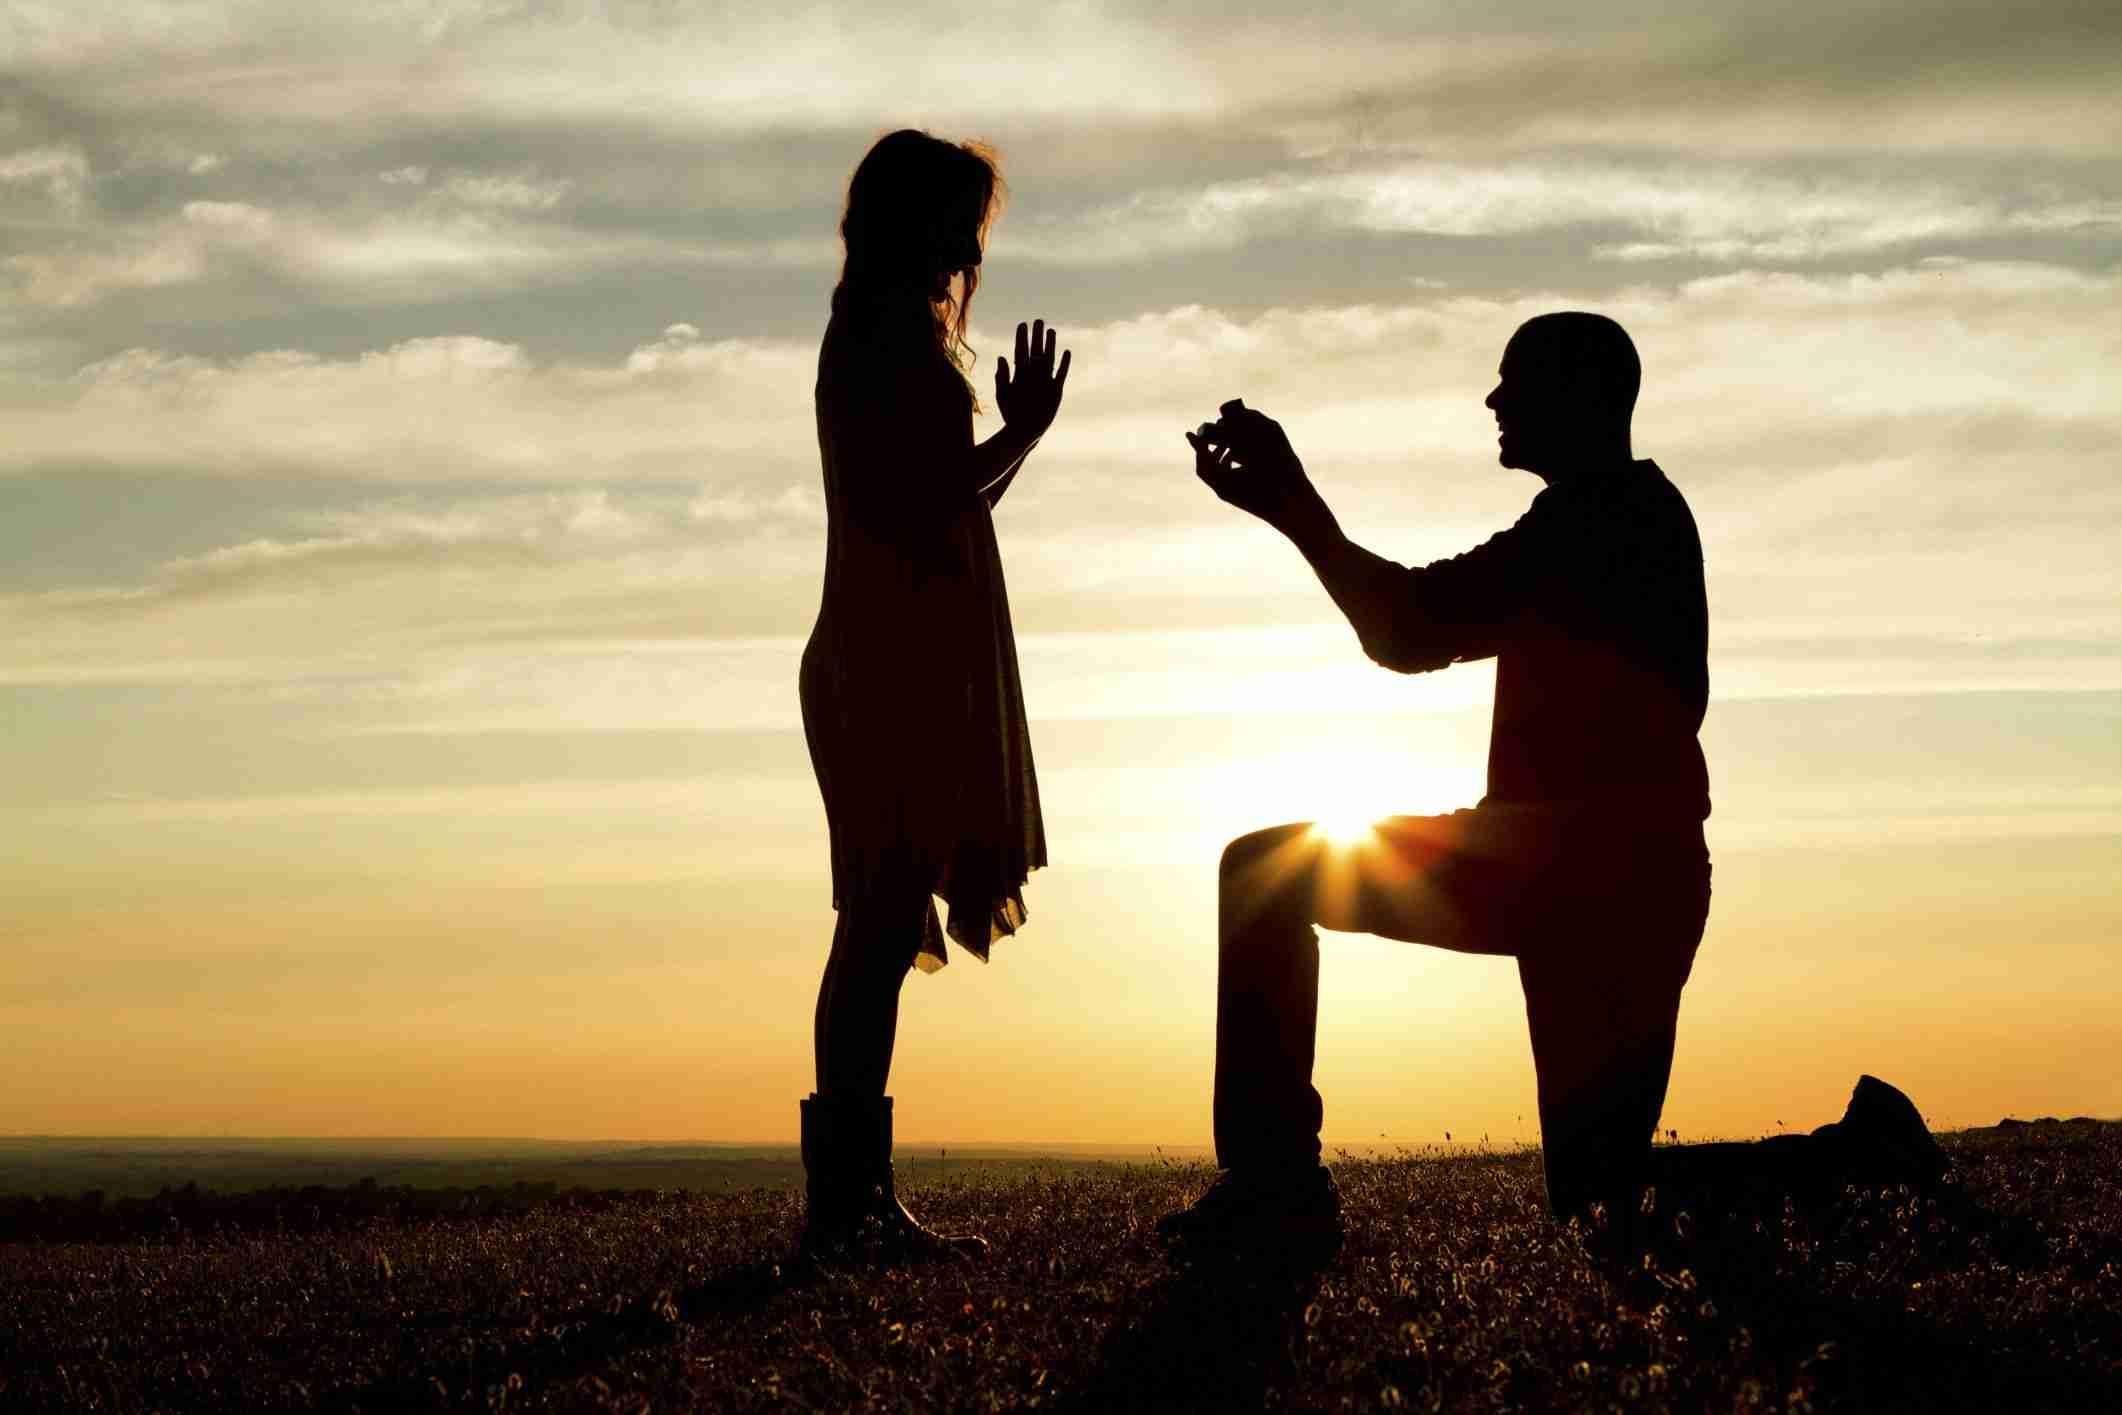 プロポーズ待ちなのに全然気配がない人